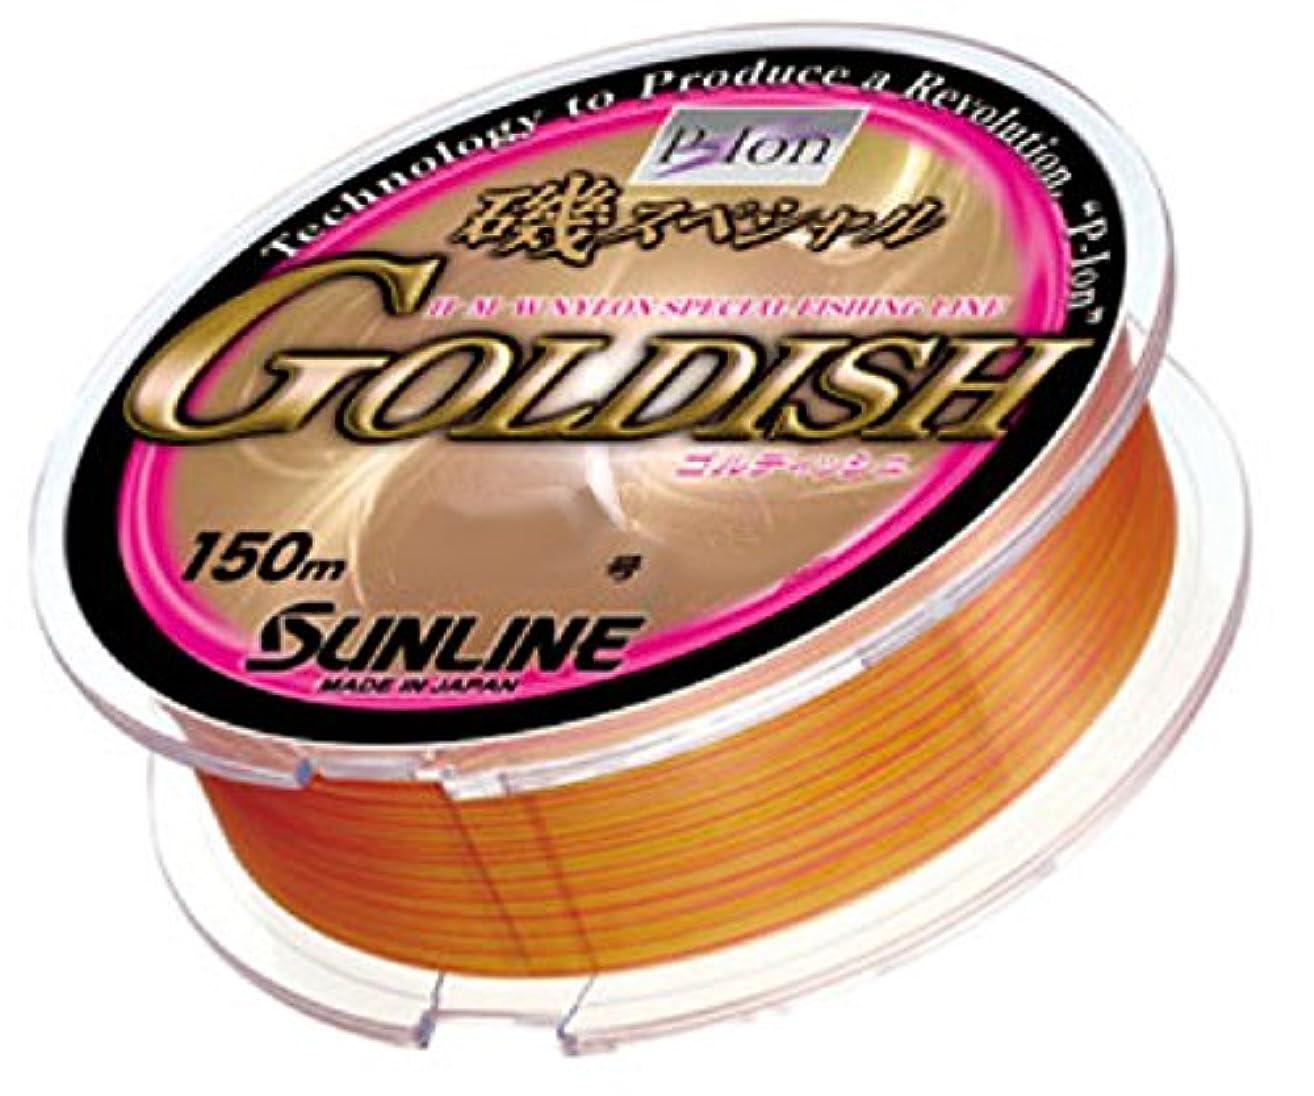 どこかルーキー踊り子サンライン(SUNLINE) ナイロンライン 磯スペシャル GOLDISH 150m 3号